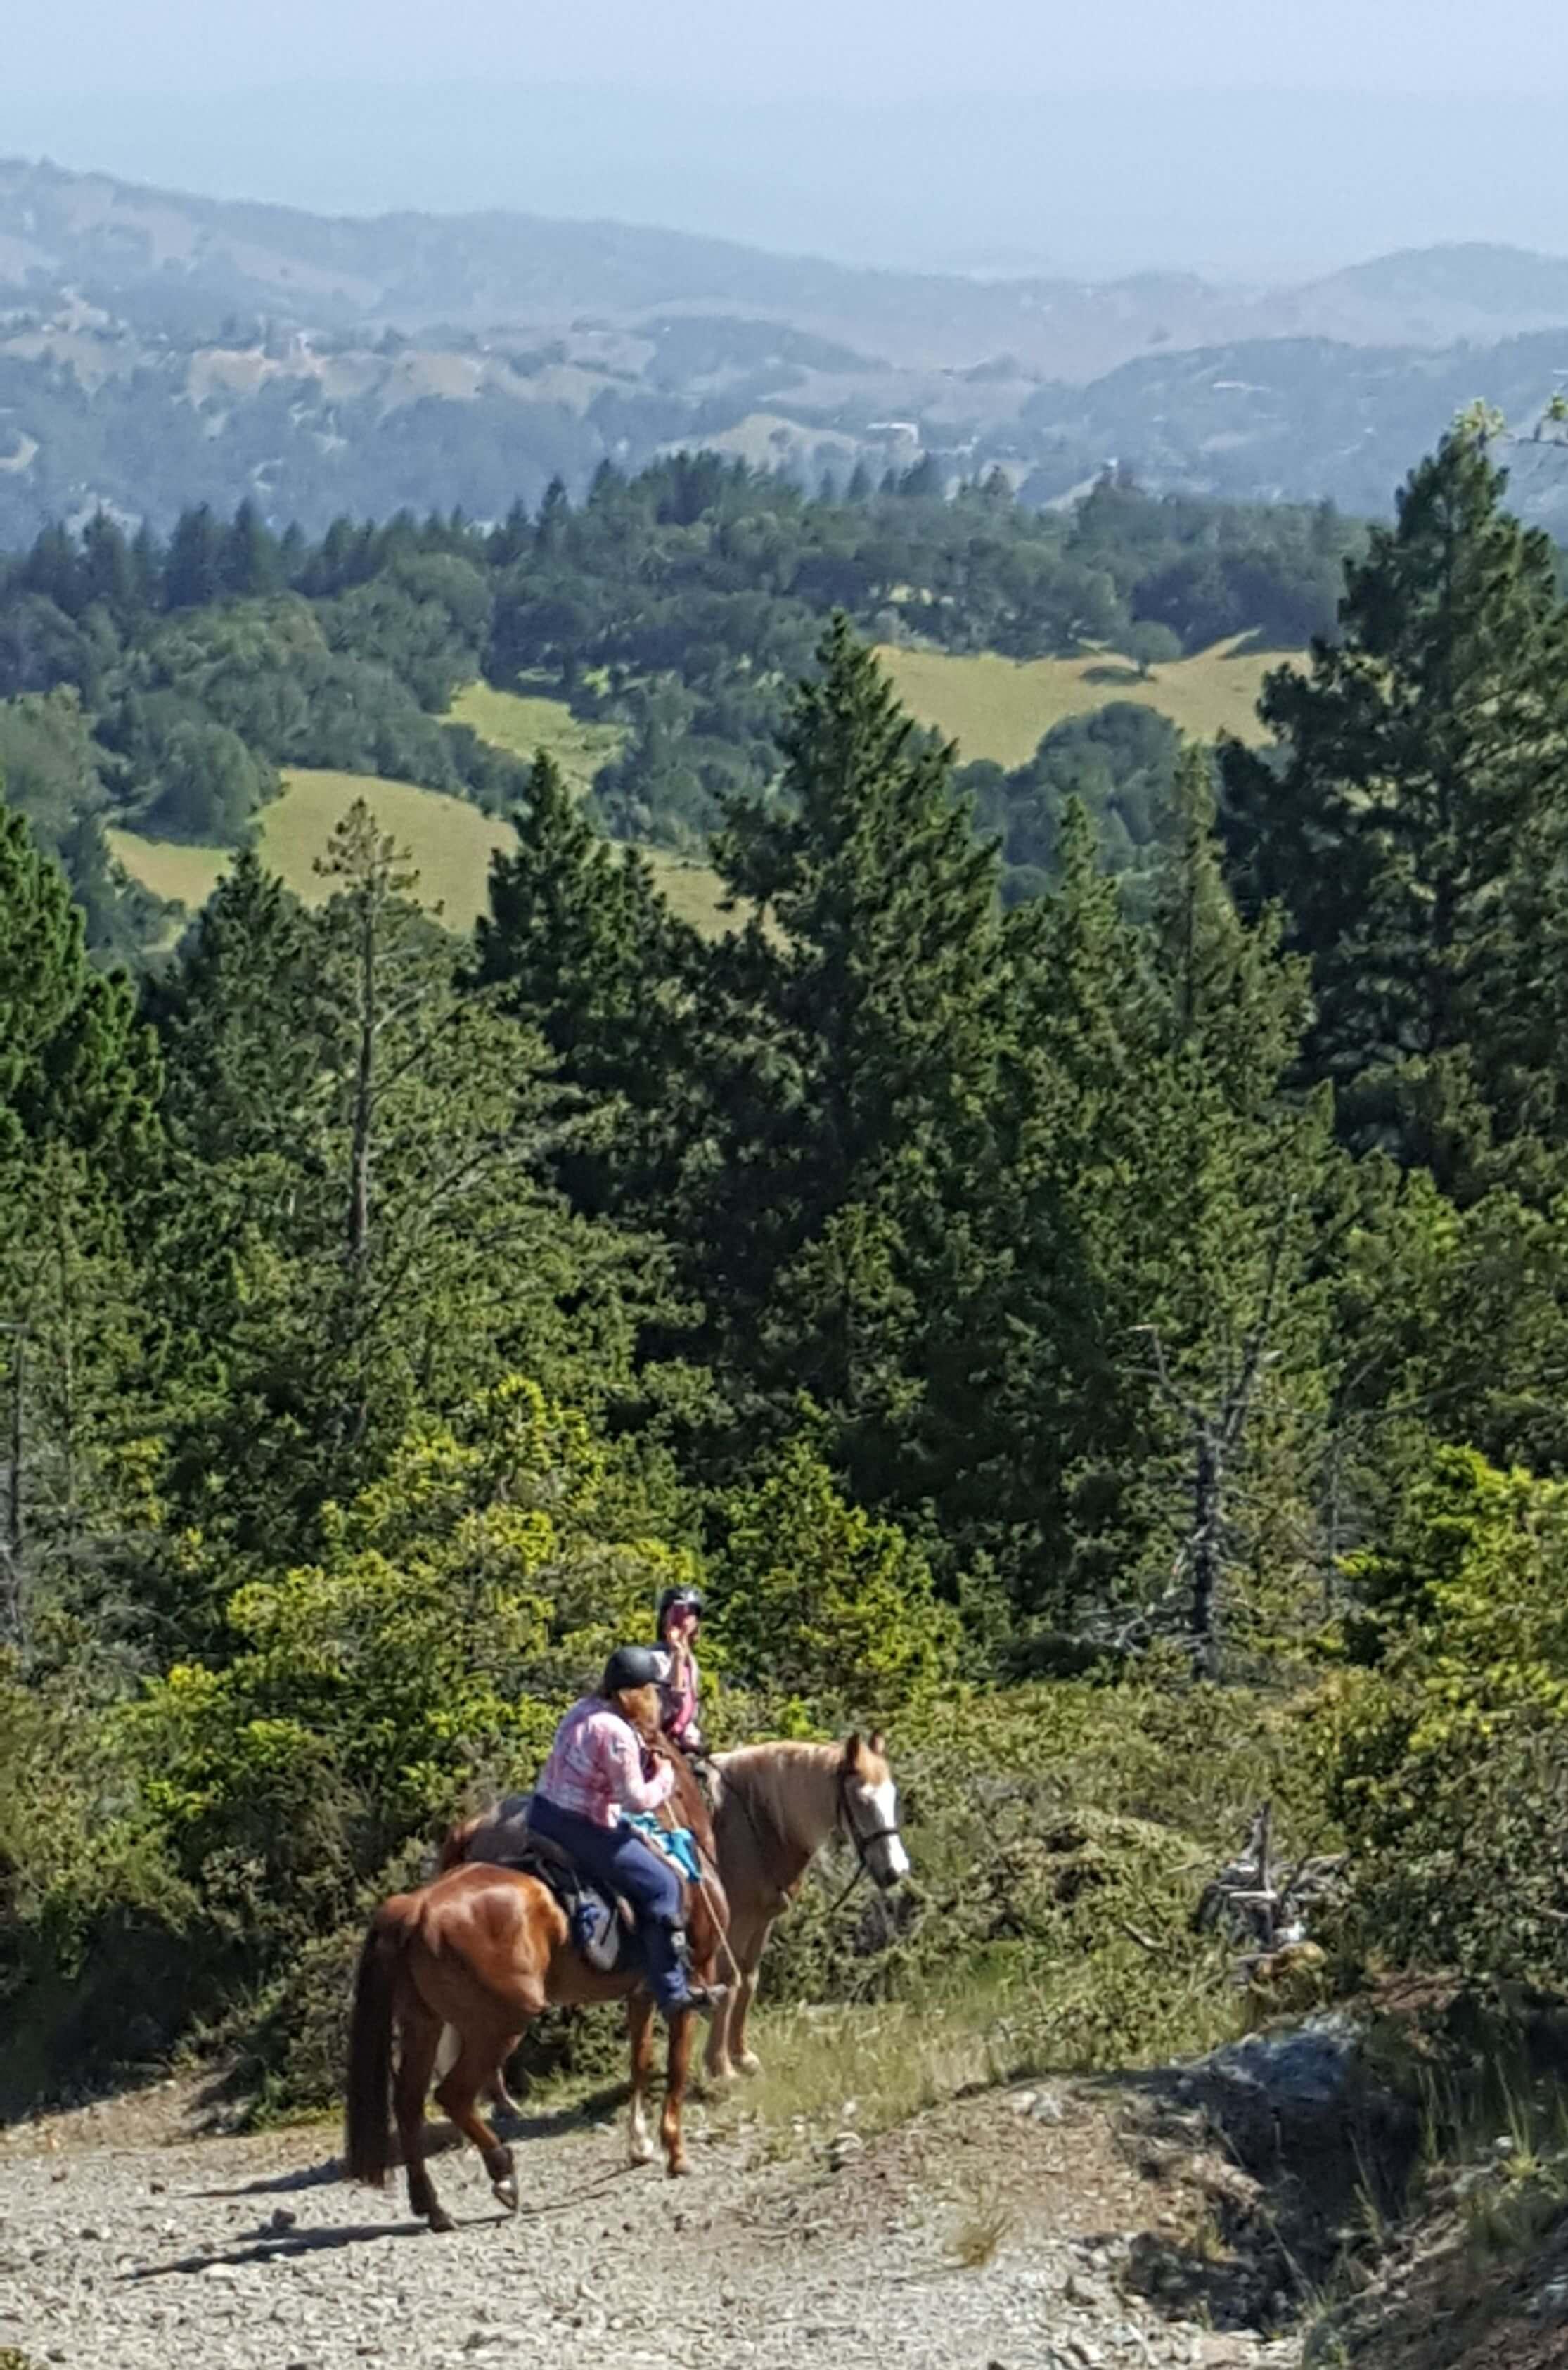 Bon Tempe Spring Ride View